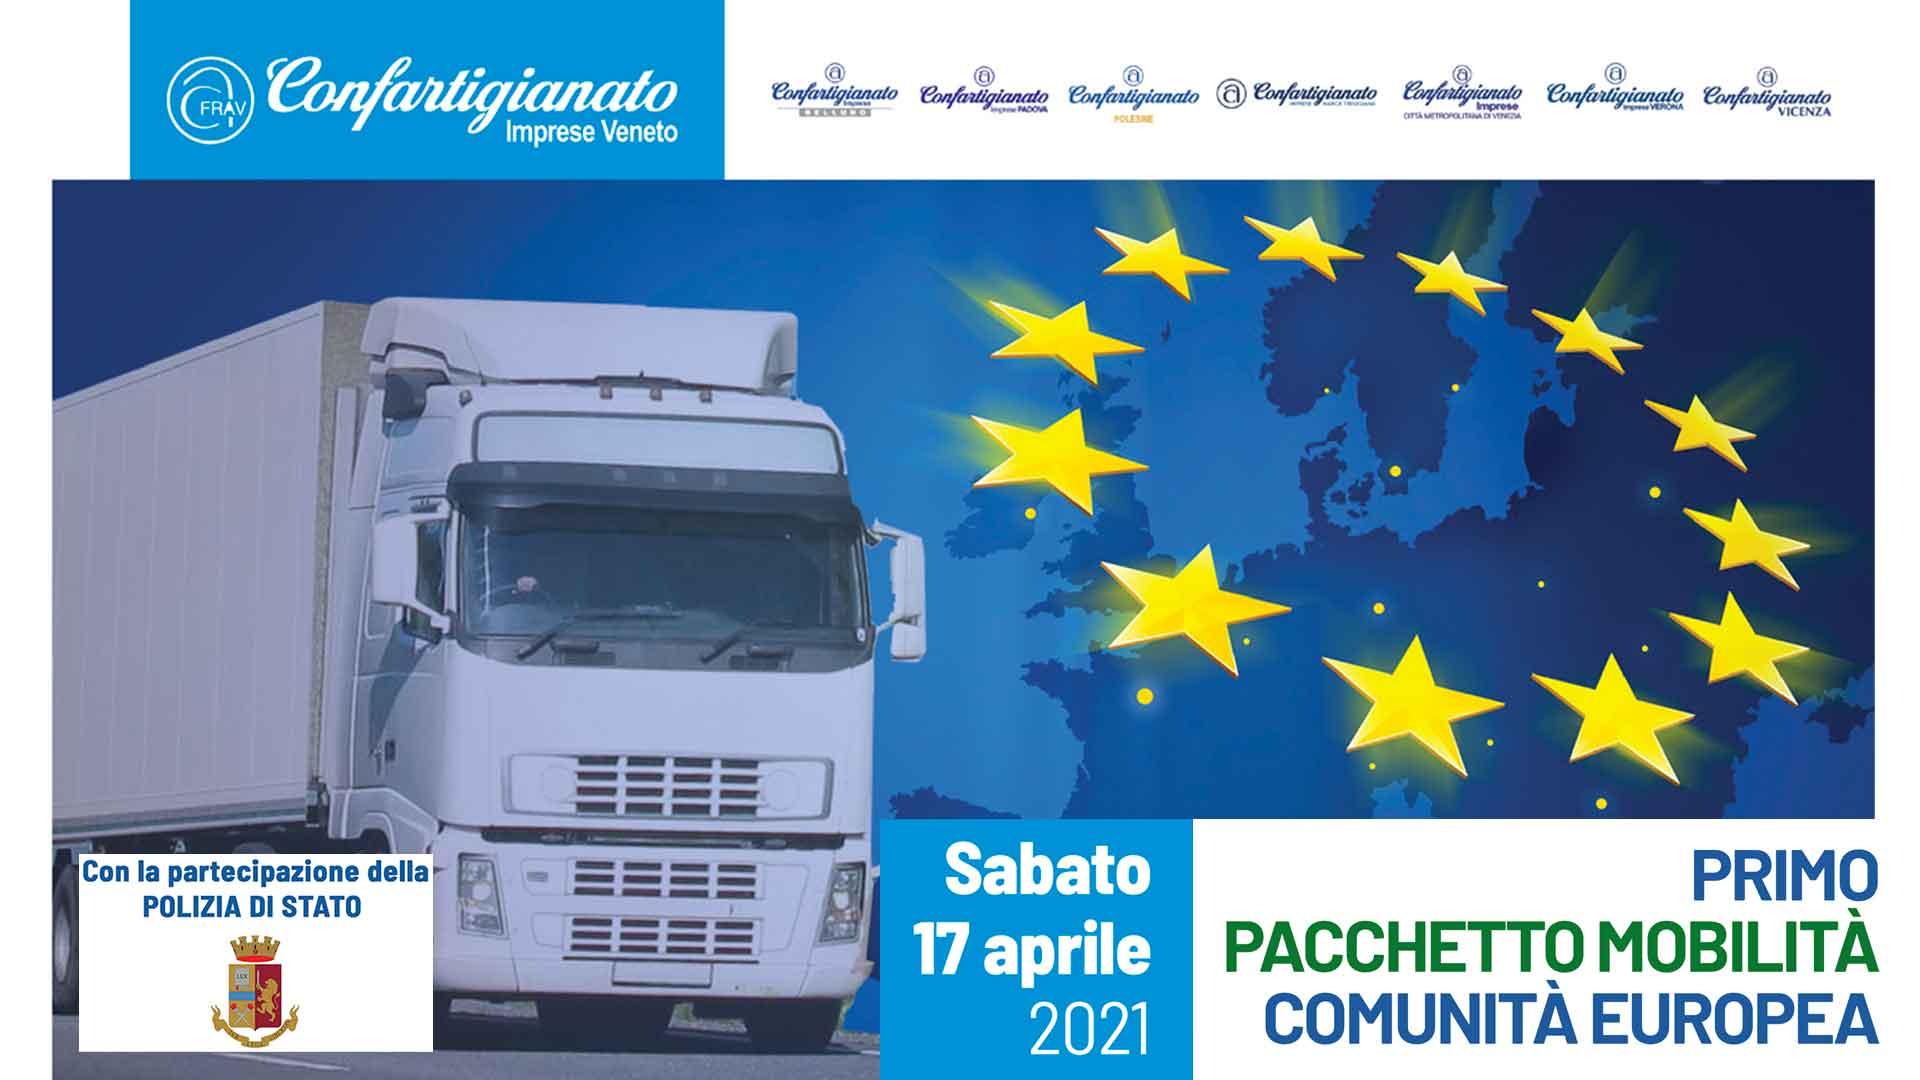 AUTOTRASPORTO – Intesa Confartigianato e Polstrada Veneto: sabato 17 aprile, seminario online sul Pacchetto Mobilità europeo. Iscriviti subito!